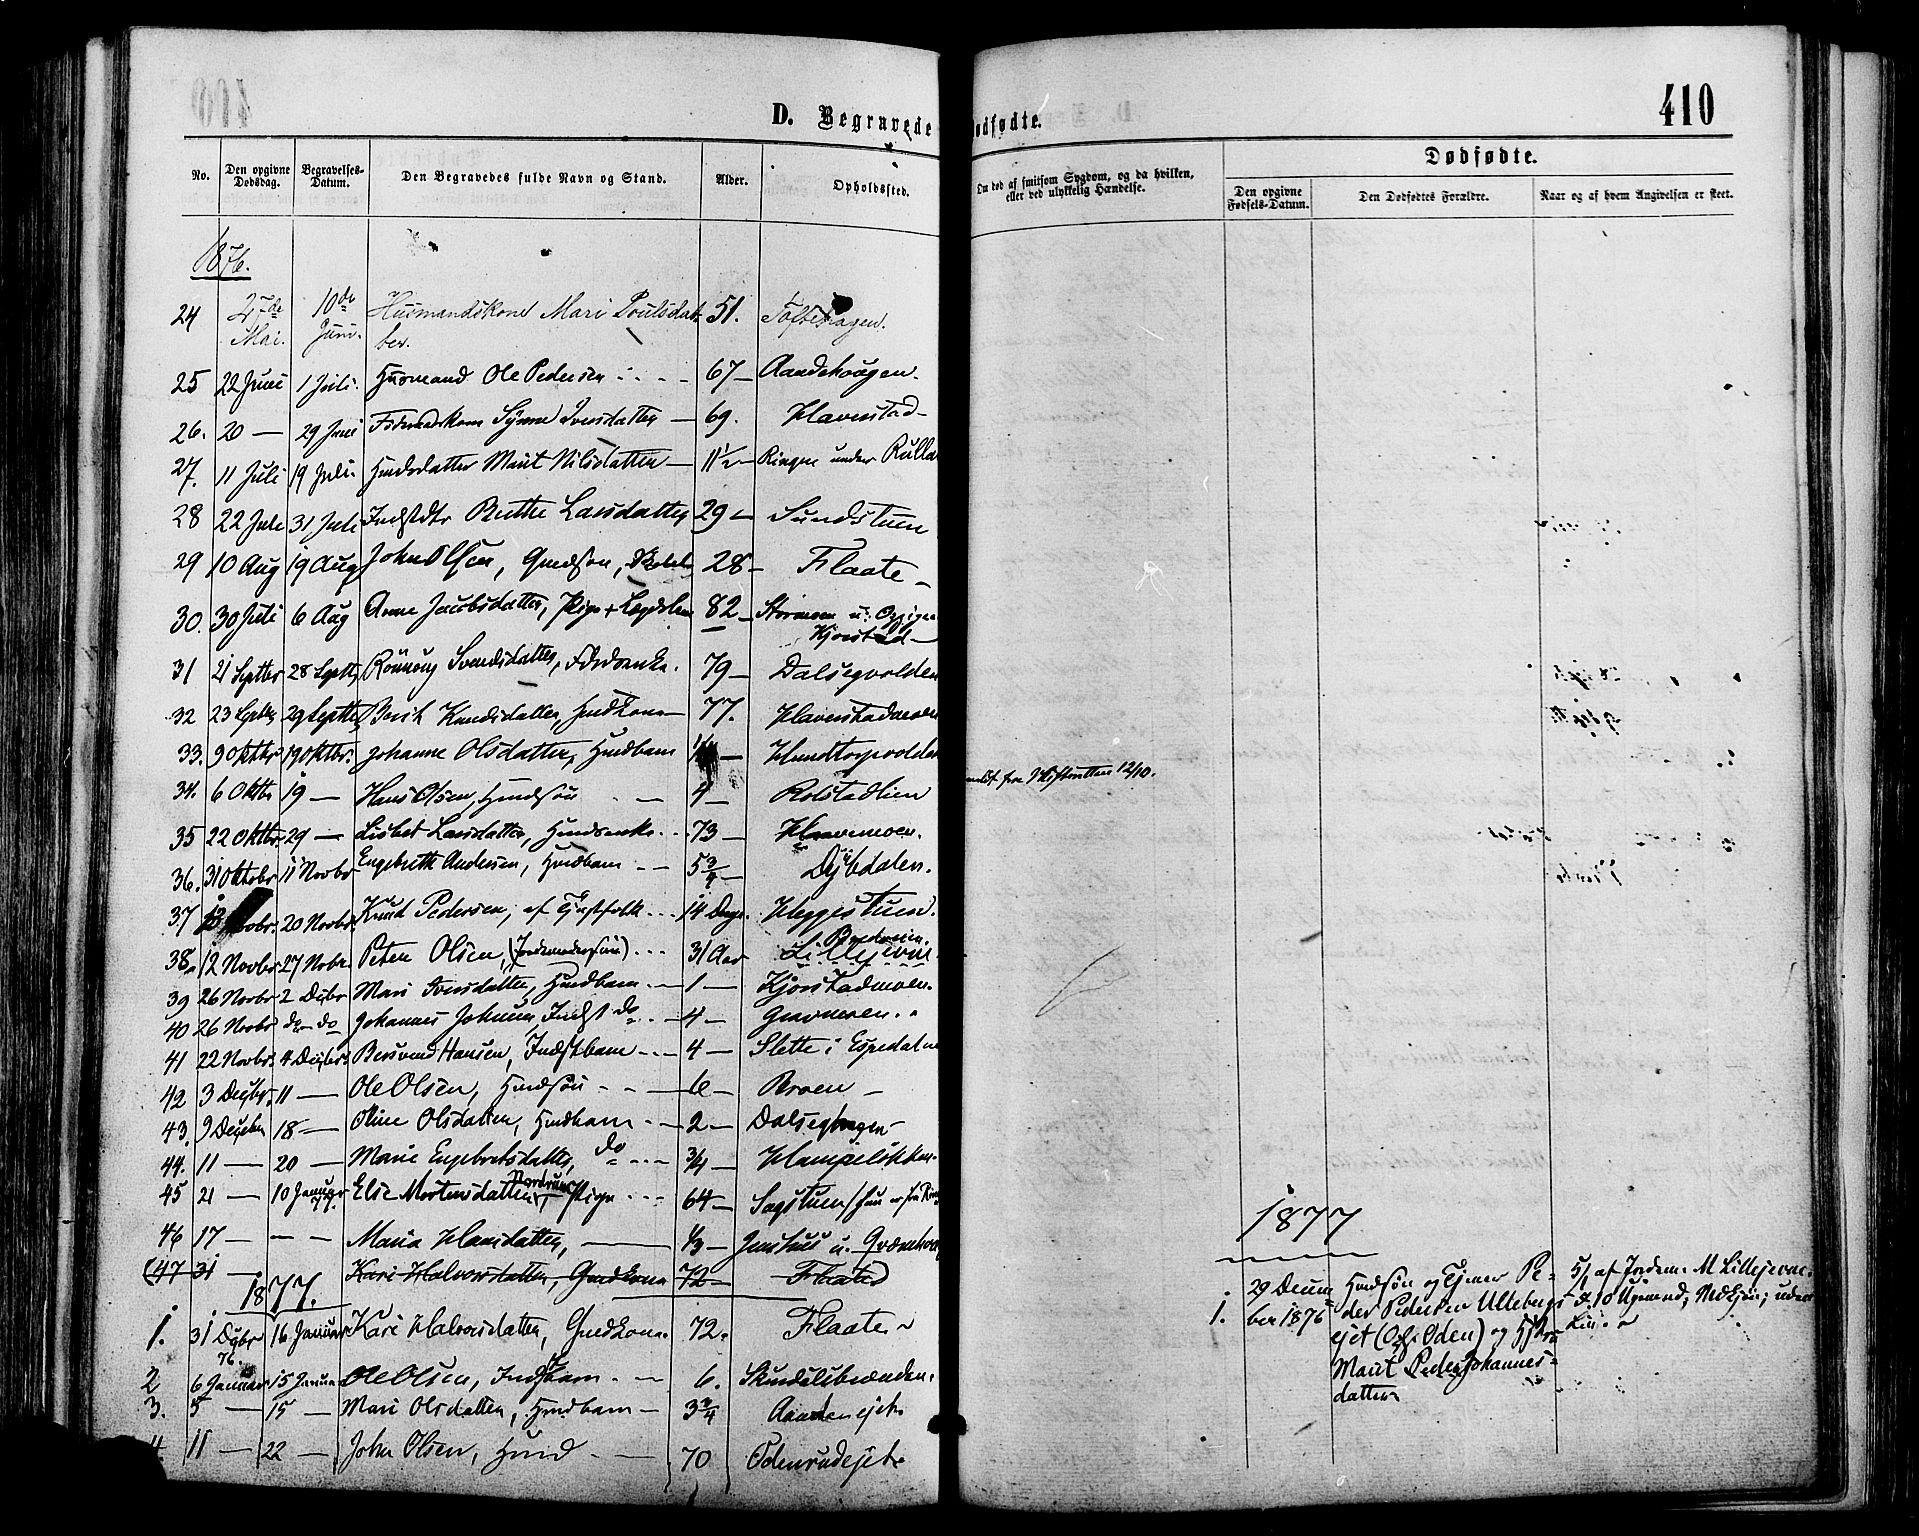 SAH, Sør-Fron prestekontor, H/Ha/Haa/L0002: Ministerialbok nr. 2, 1864-1880, s. 410